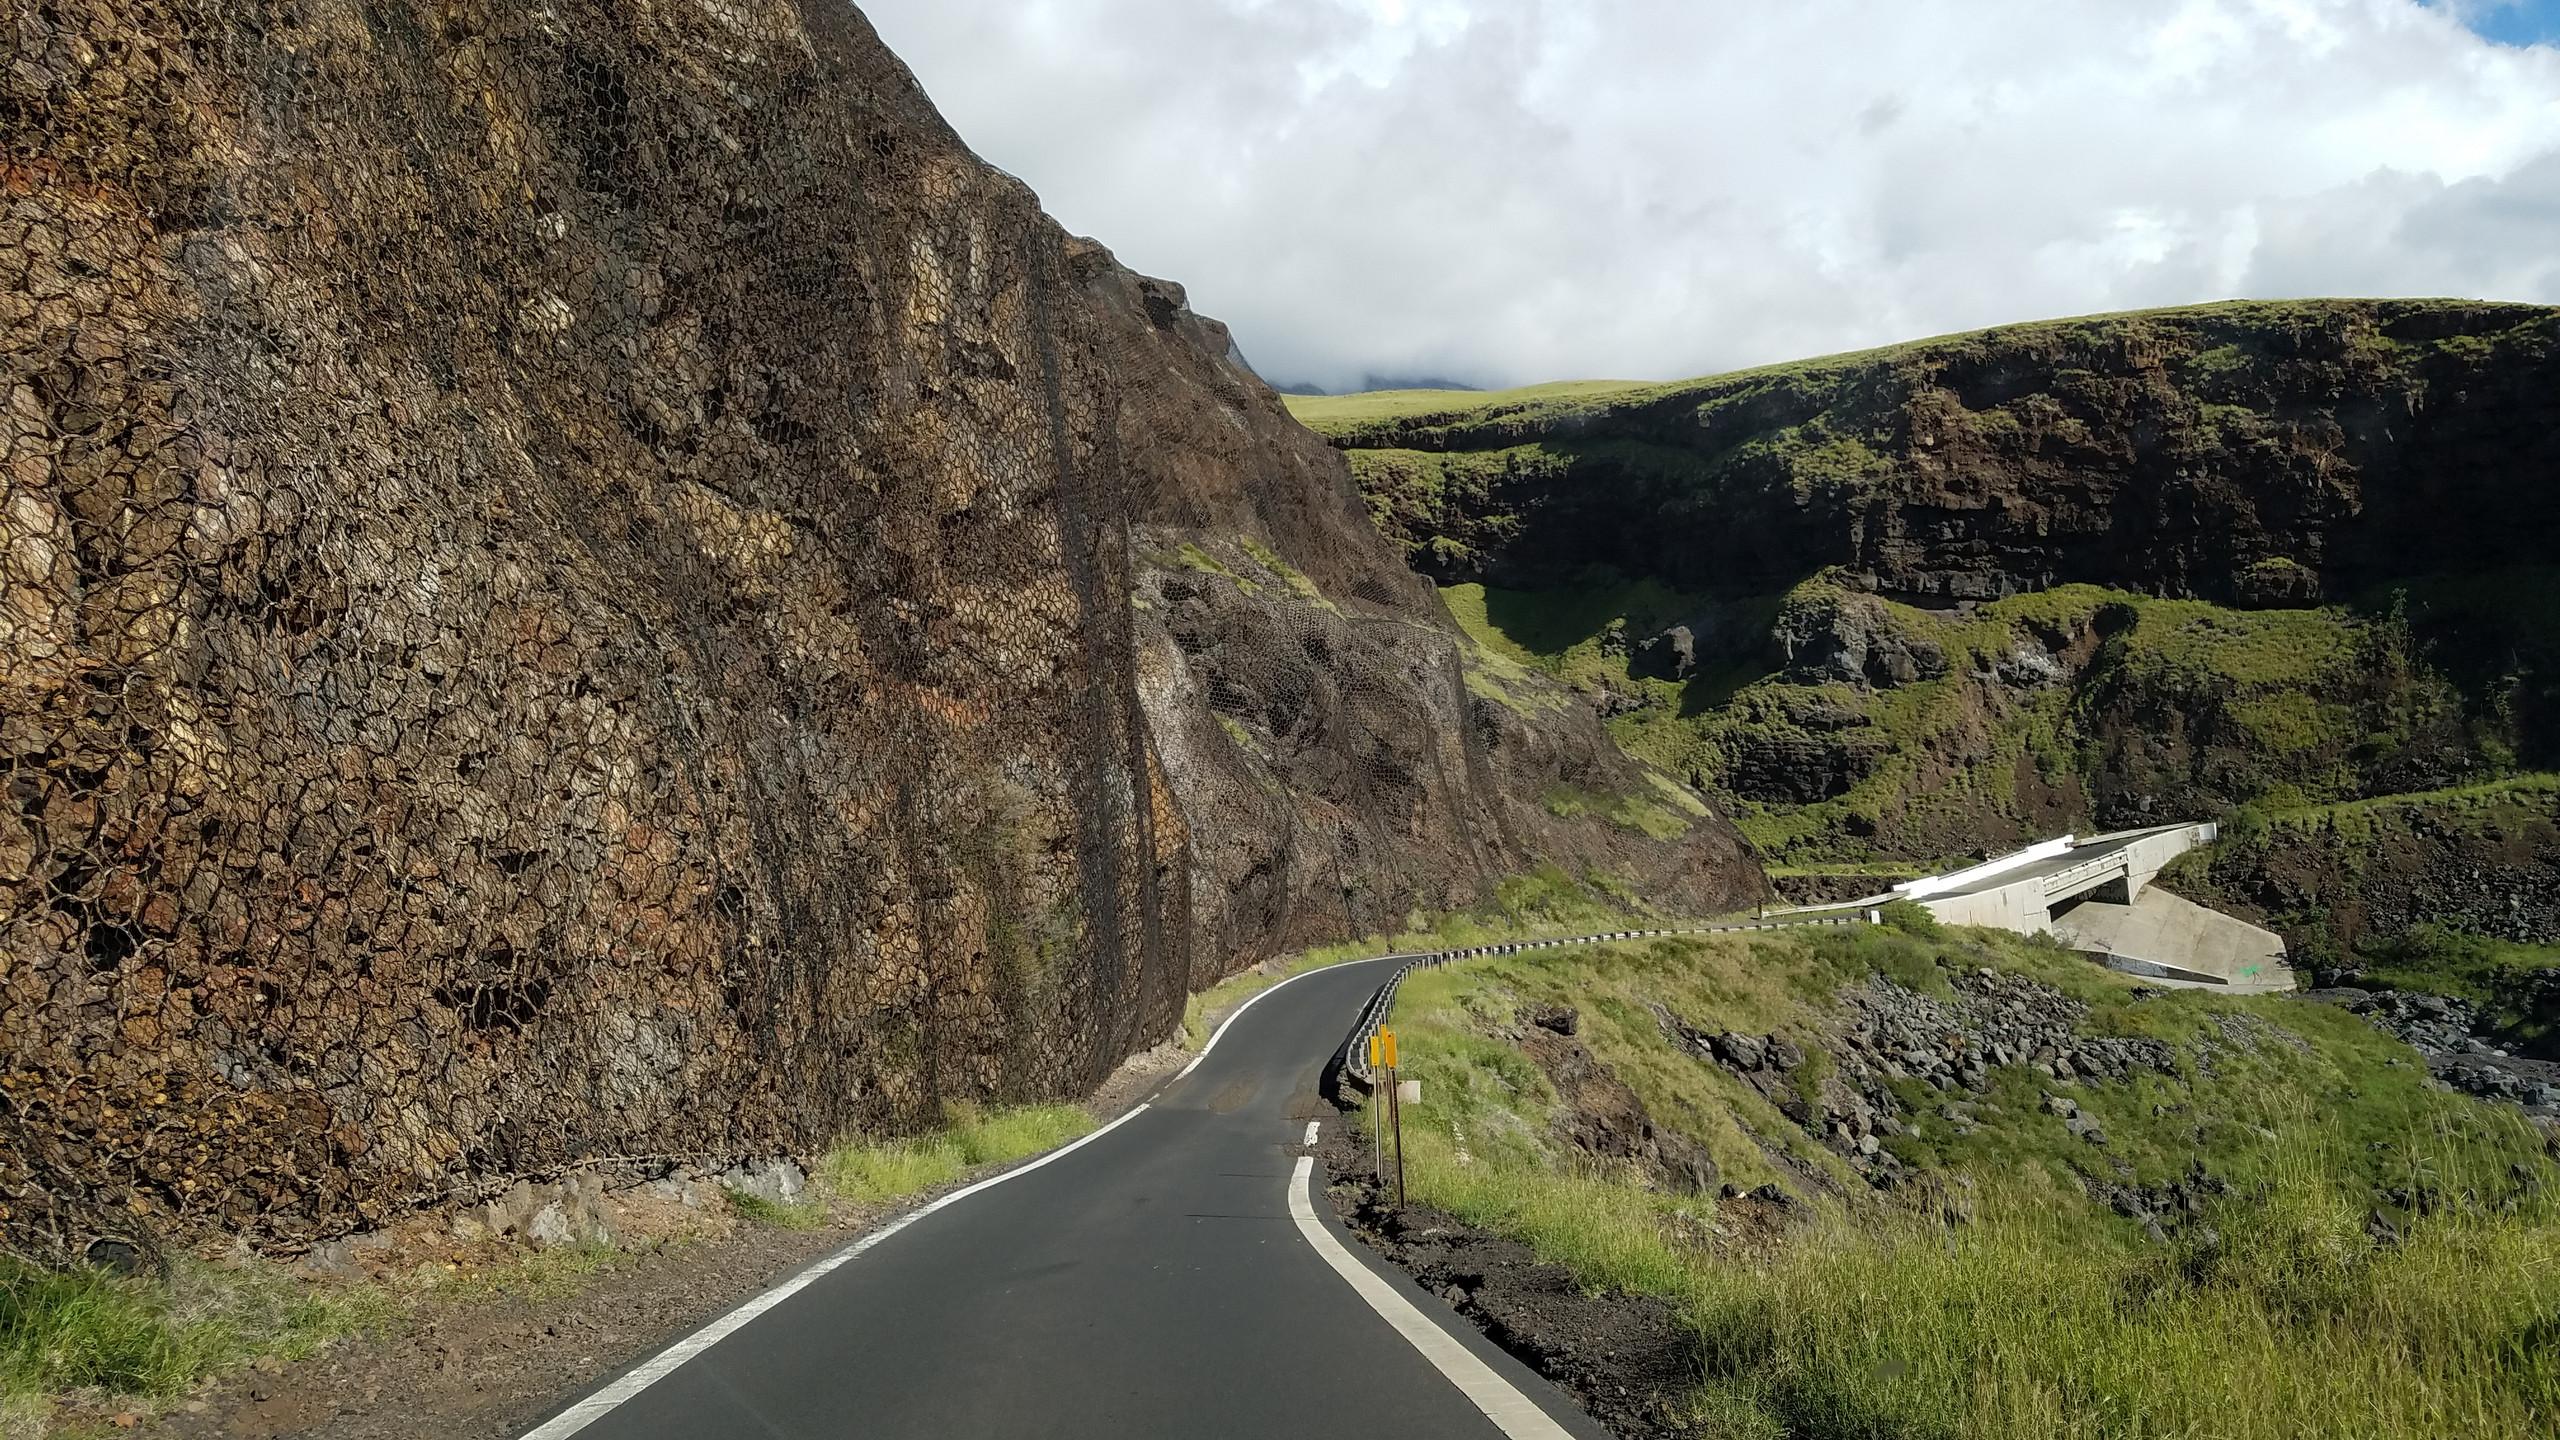 South end of Maui